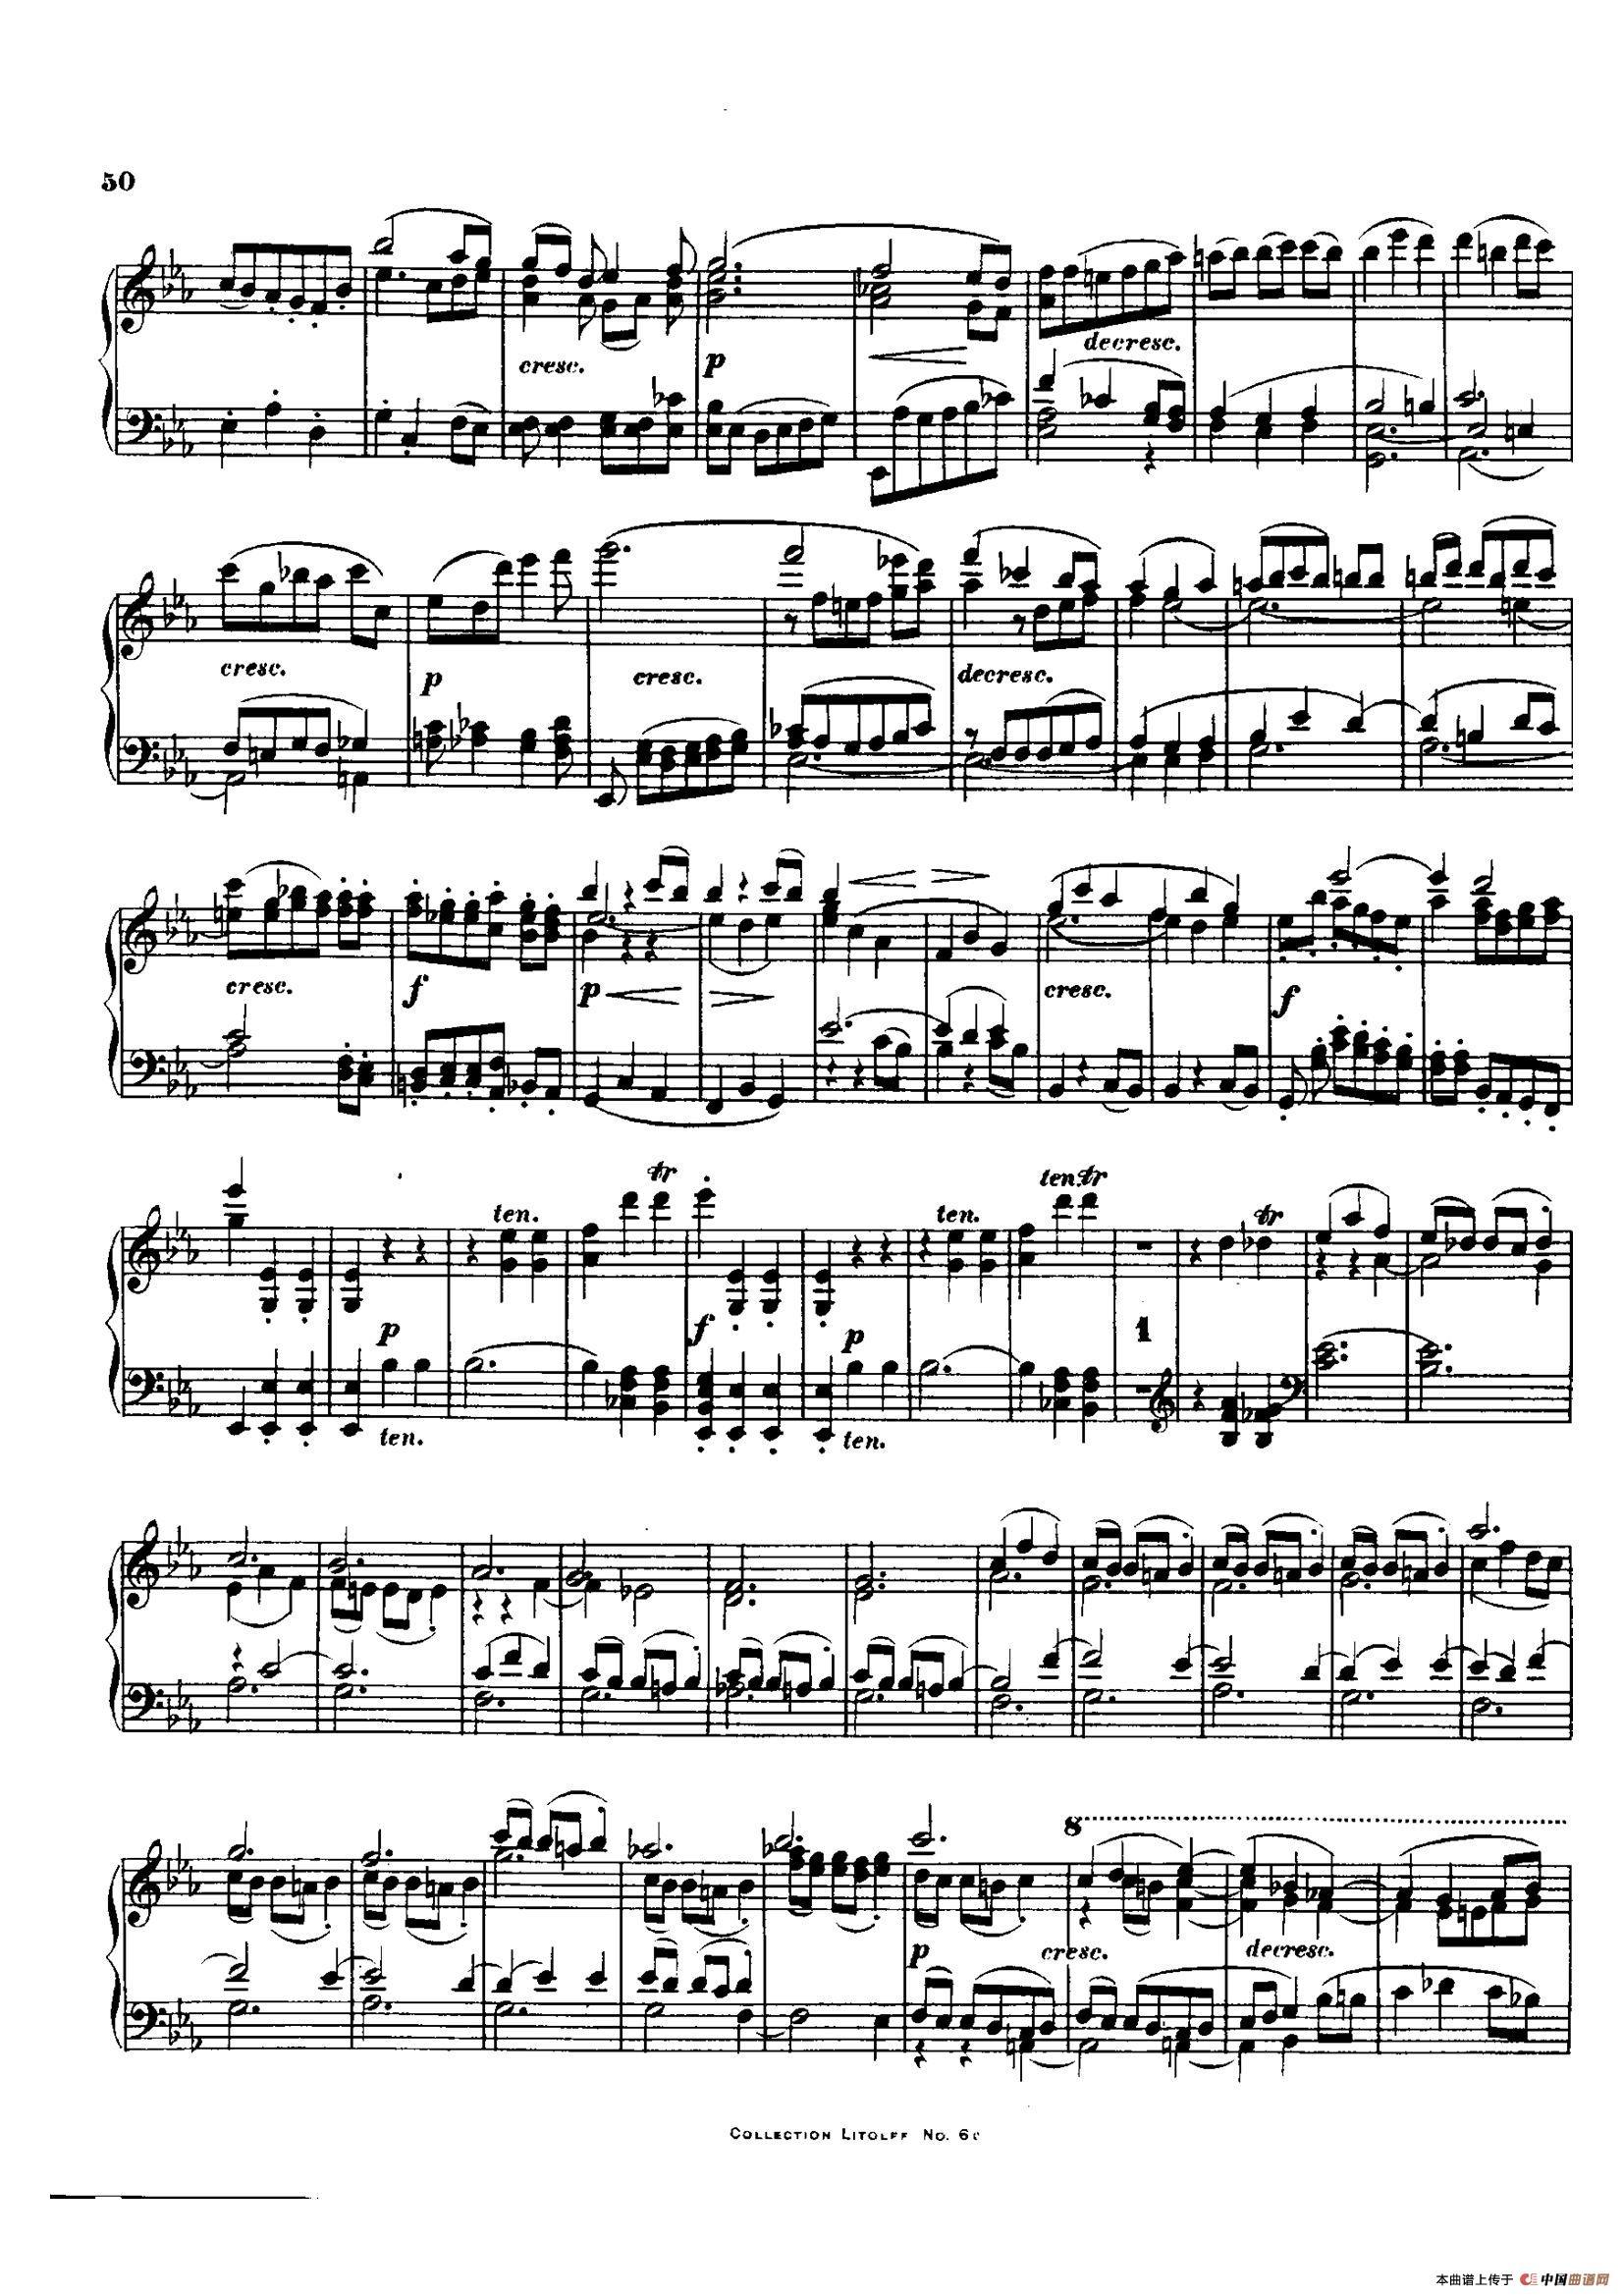 降E大调第十二弦乐四重奏(钢琴独奏版)(1)_原文件名:005.jpg